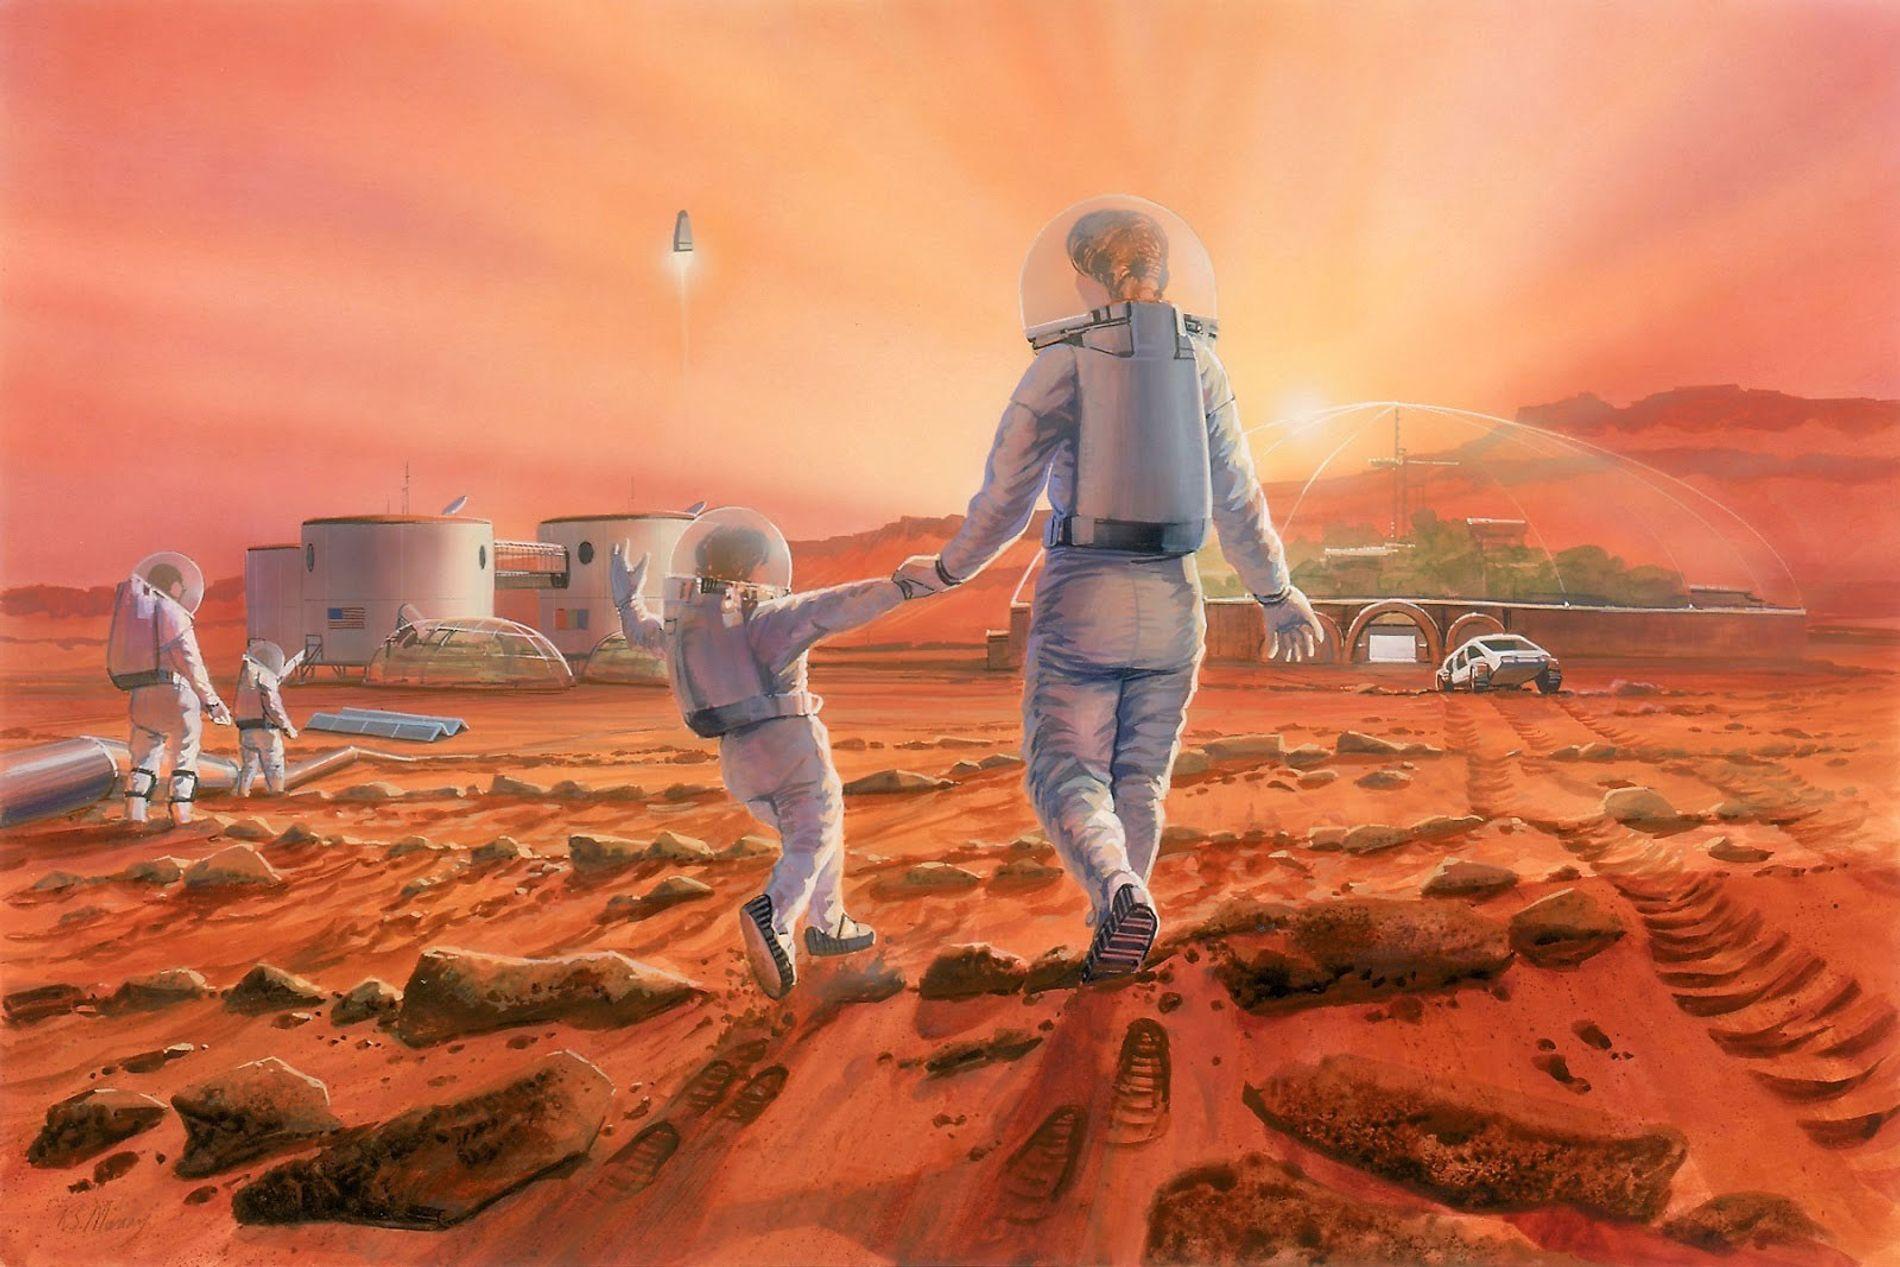 Vue d'artiste représentant une famille qui s'amuse sur Mars.